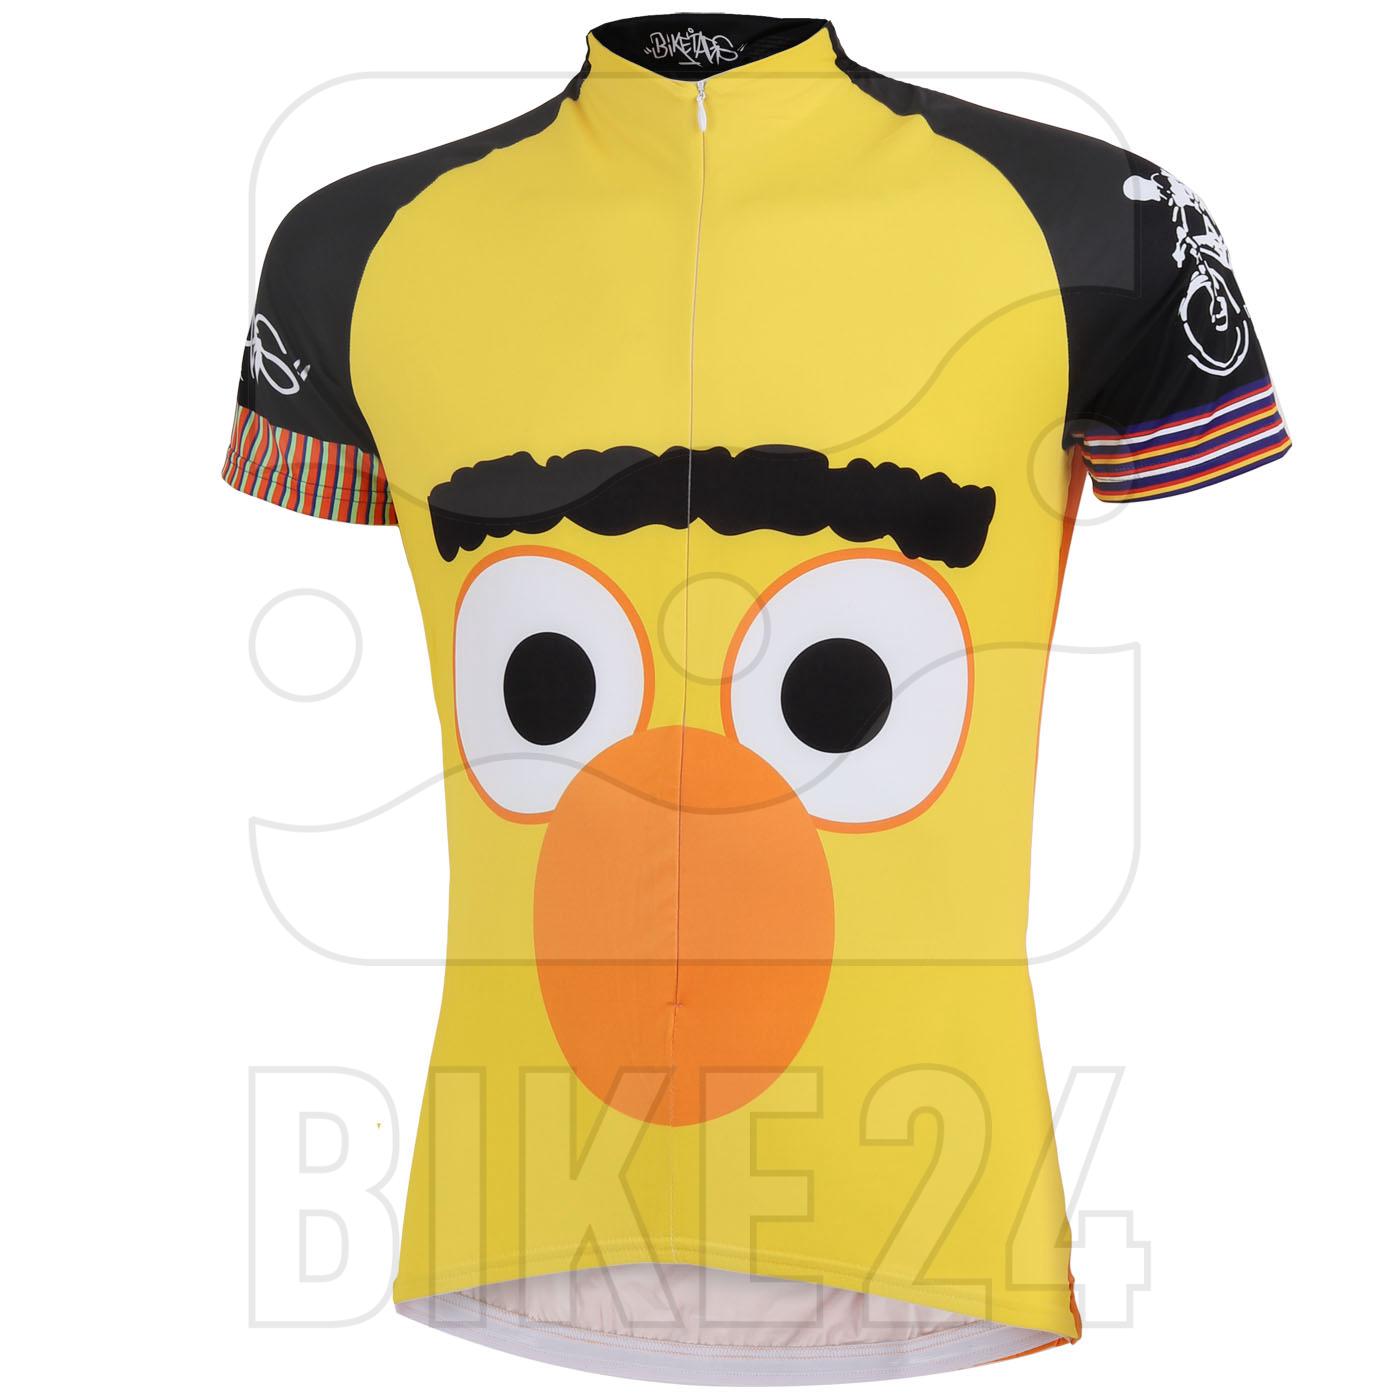 Biketags Jersey Sesame Street - Ernie & Bert Face